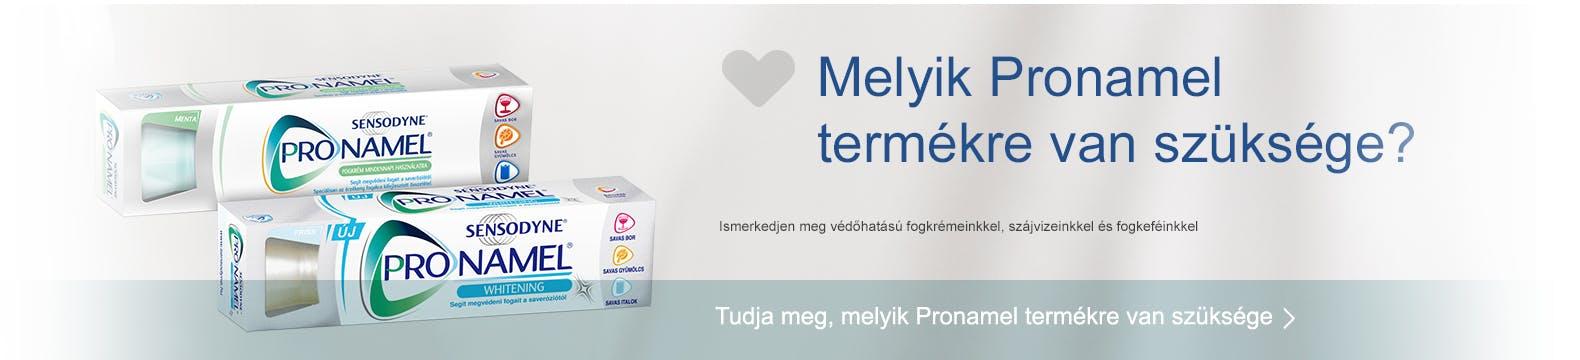 Melyik Pronamel termékre van szüksége?